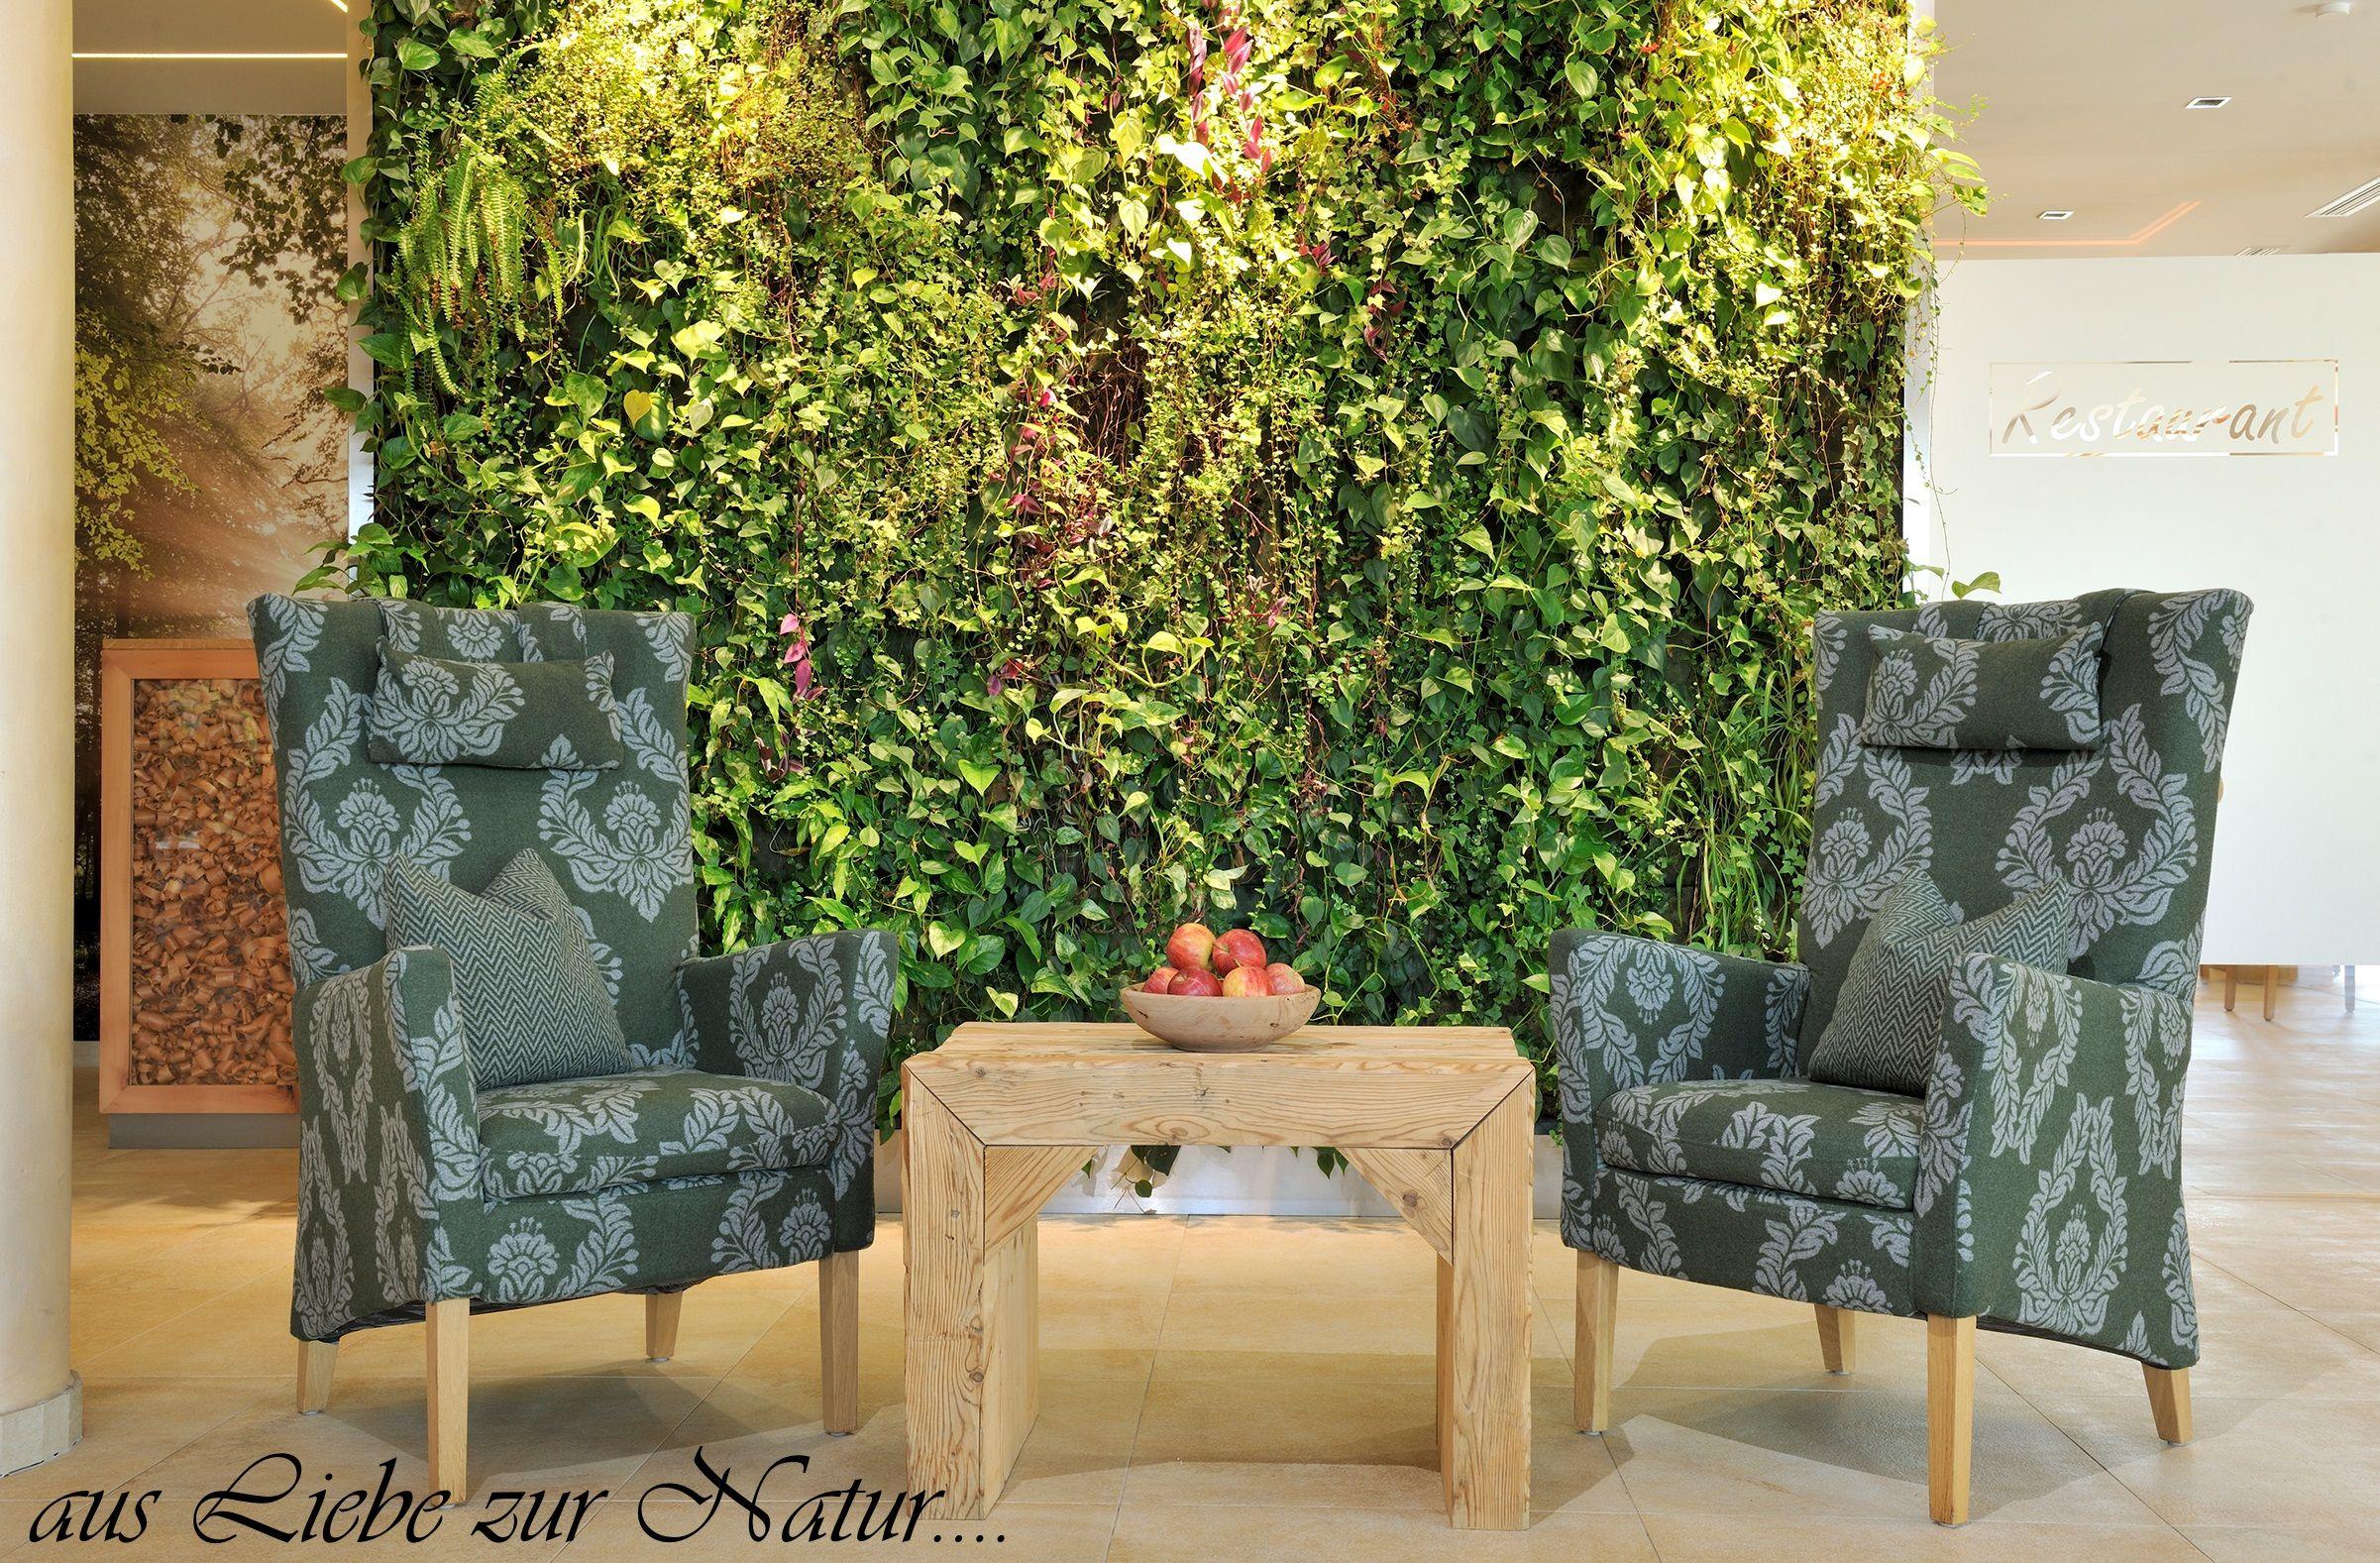 Bepflanzte Wand unsere grüne bepflanzte wand ist immer wieder ein kleiner highlight